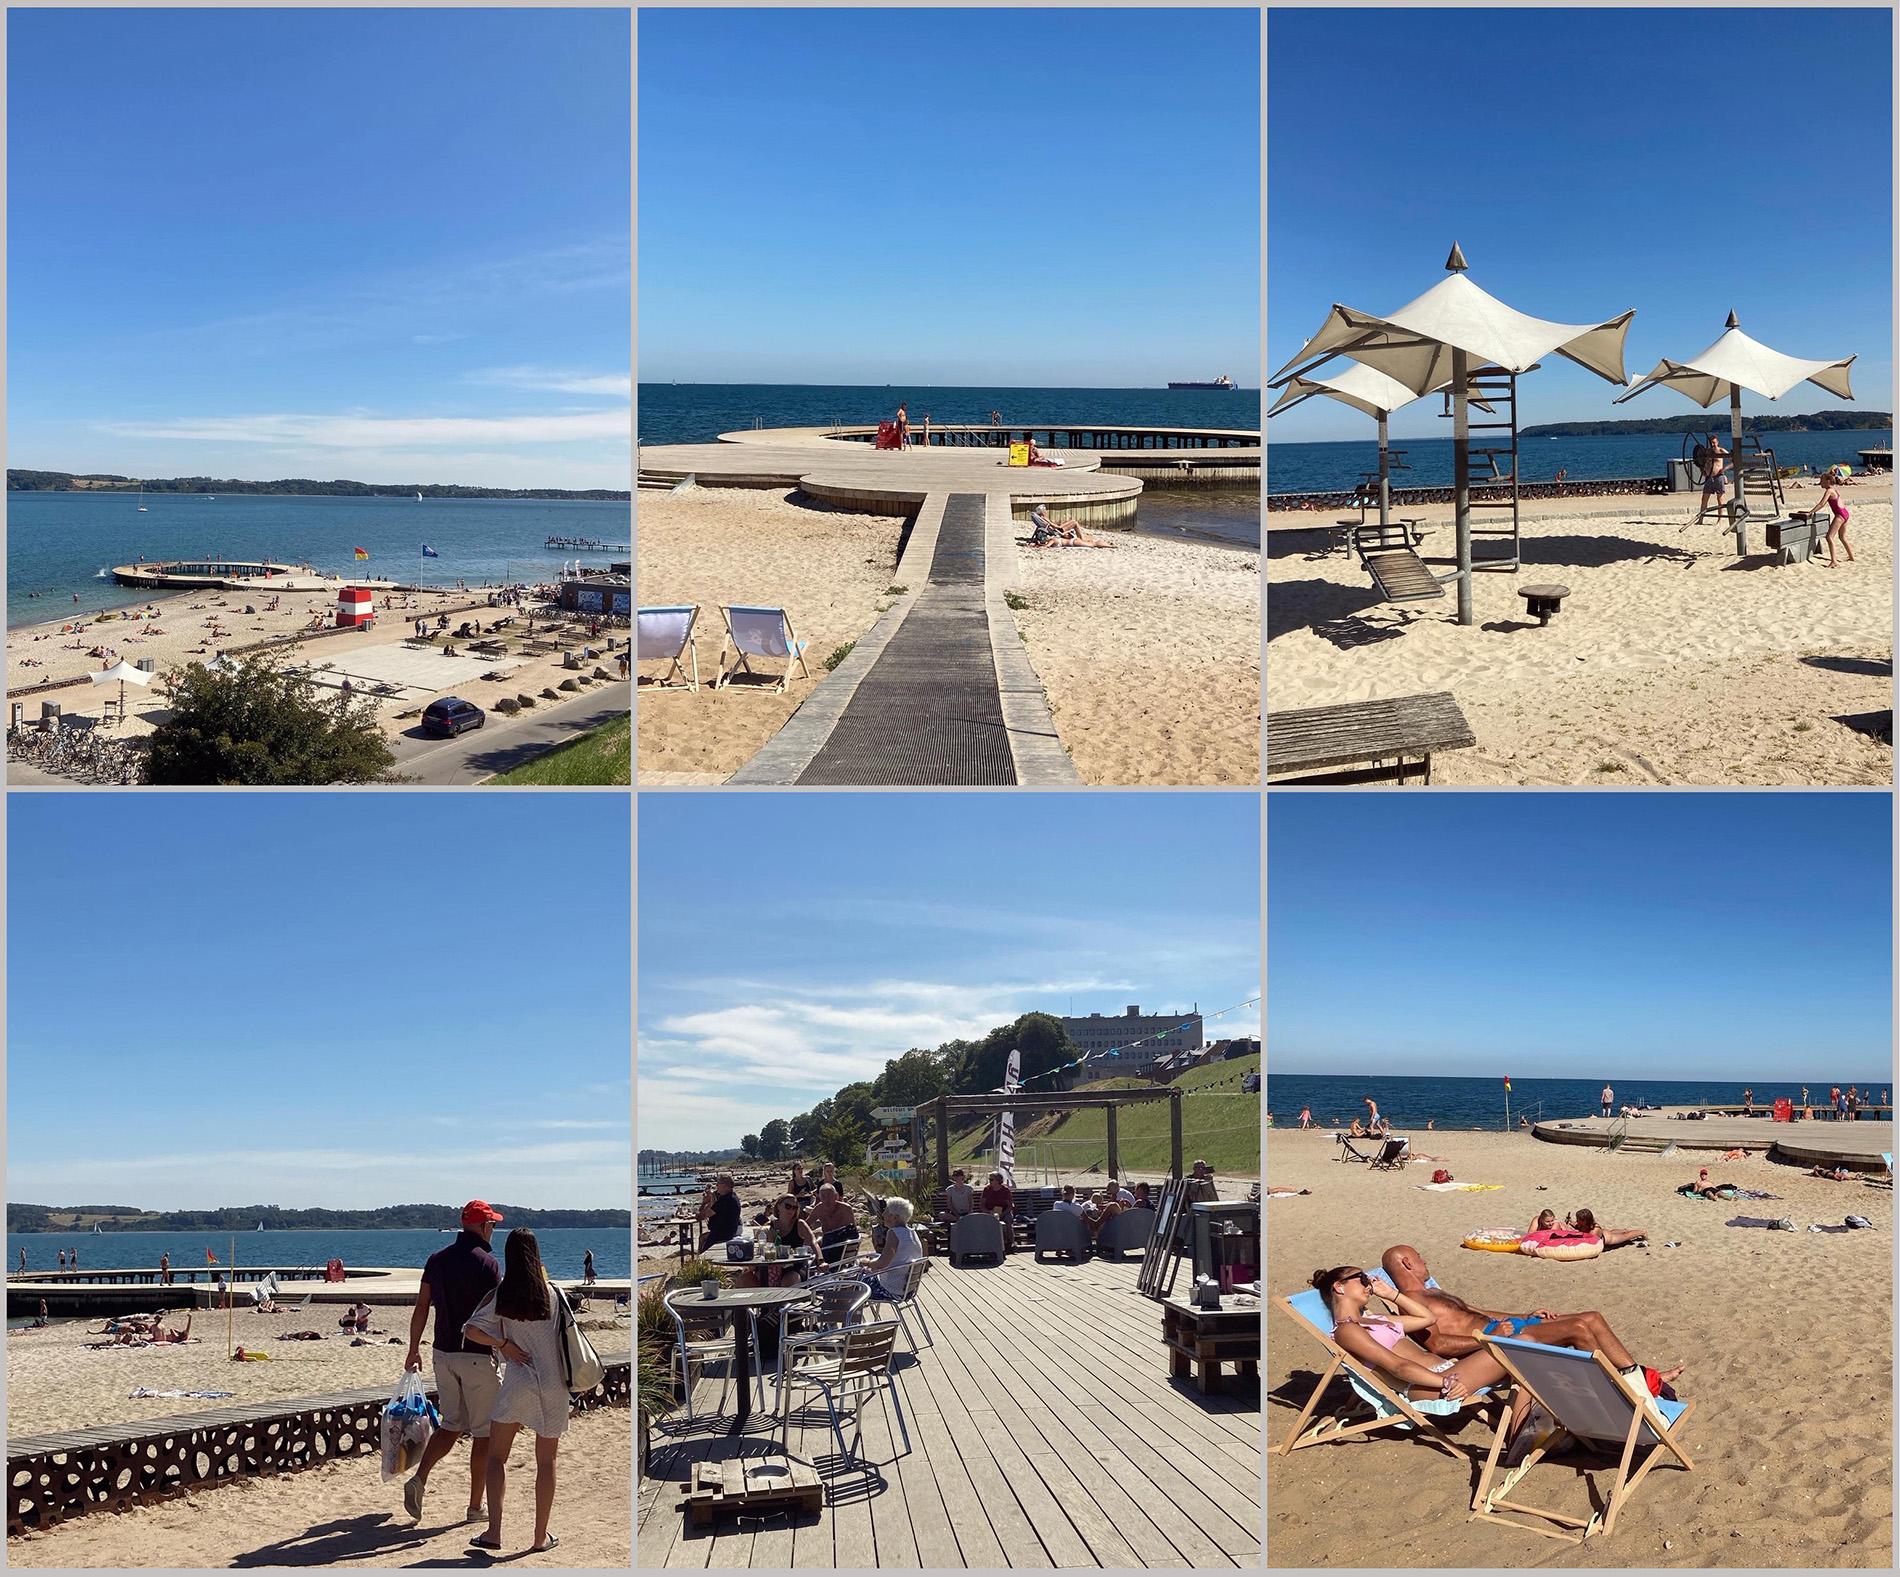 Stranden i Fredericia – en multifunktionell anläggning att inspireras av. Foto: Emina Kovacic